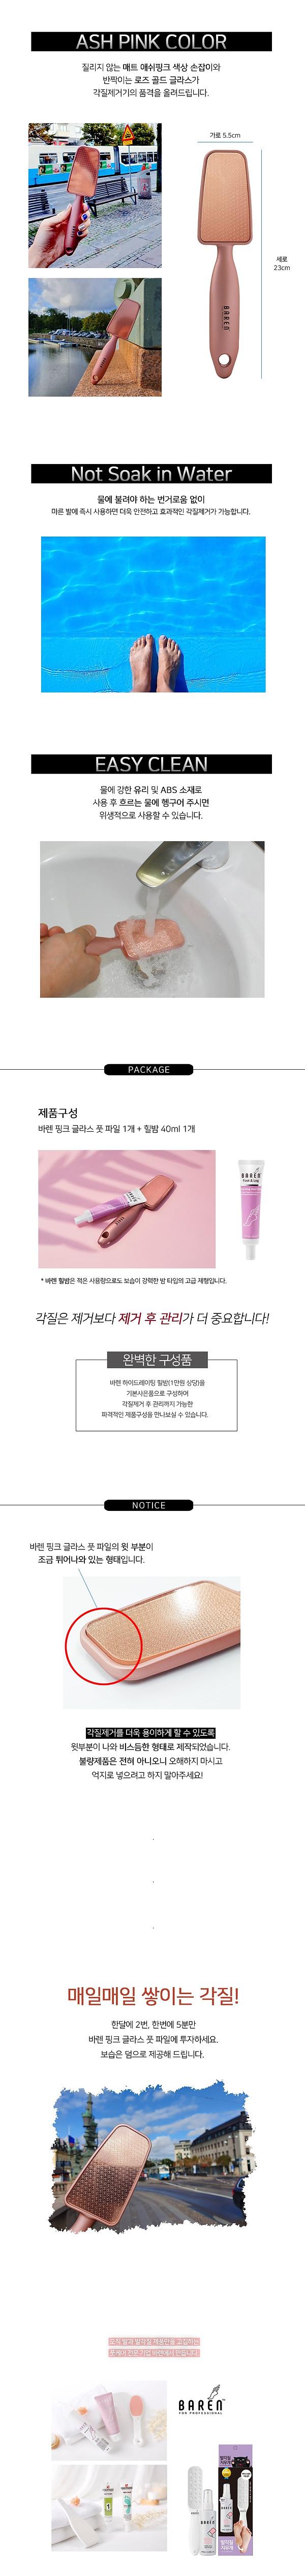 핑크글라스 풋파일 고화질 상세페이지 수정본2차_191015-02.jpg